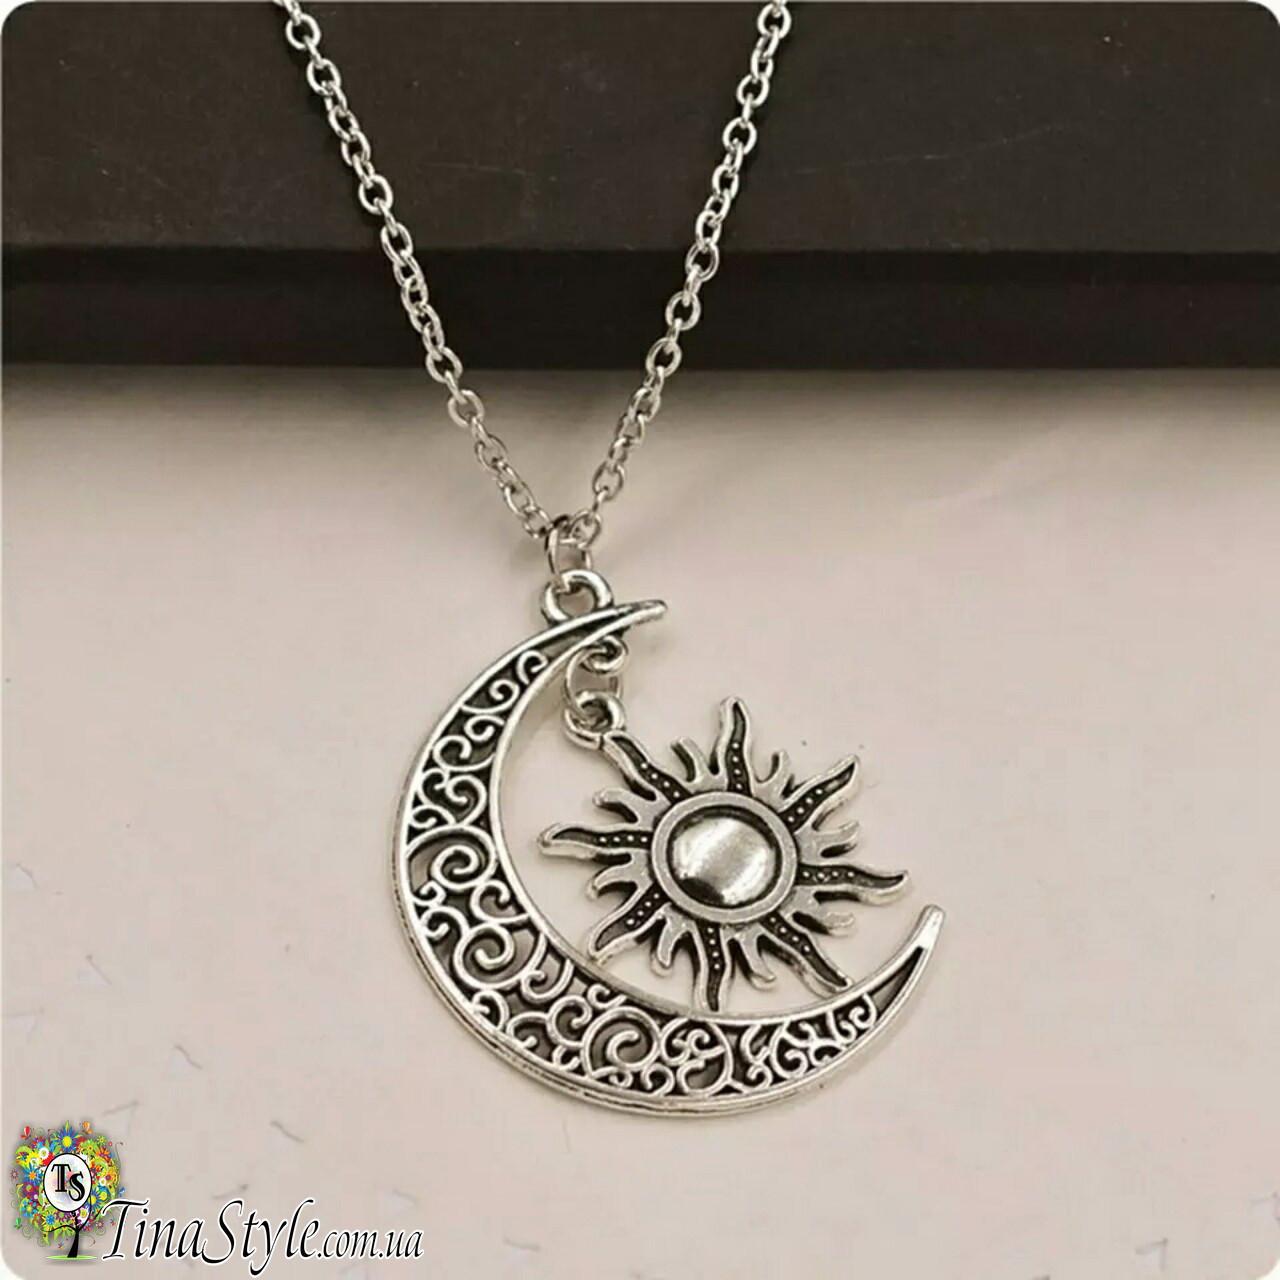 Подвеска кулон луна и солнце месяц Galaxy ожерелье Шарм античный